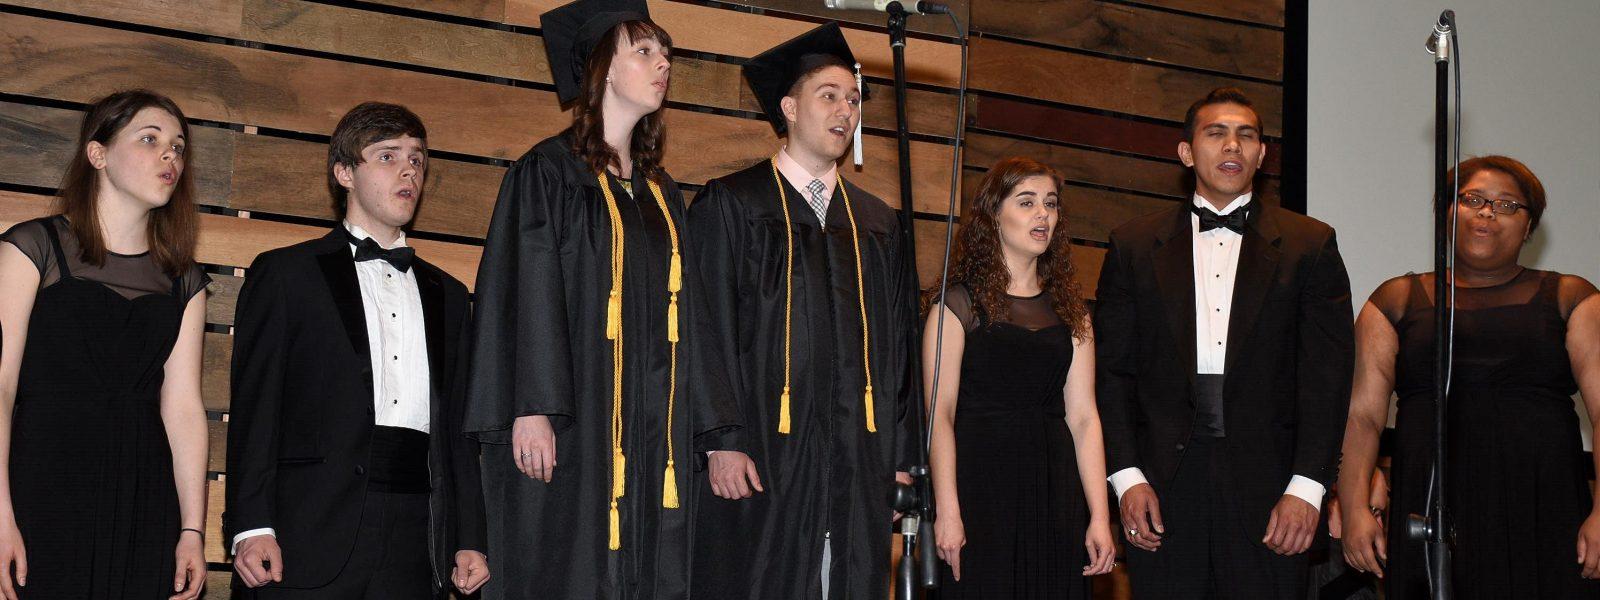 WPU Choir 2018 Graduation